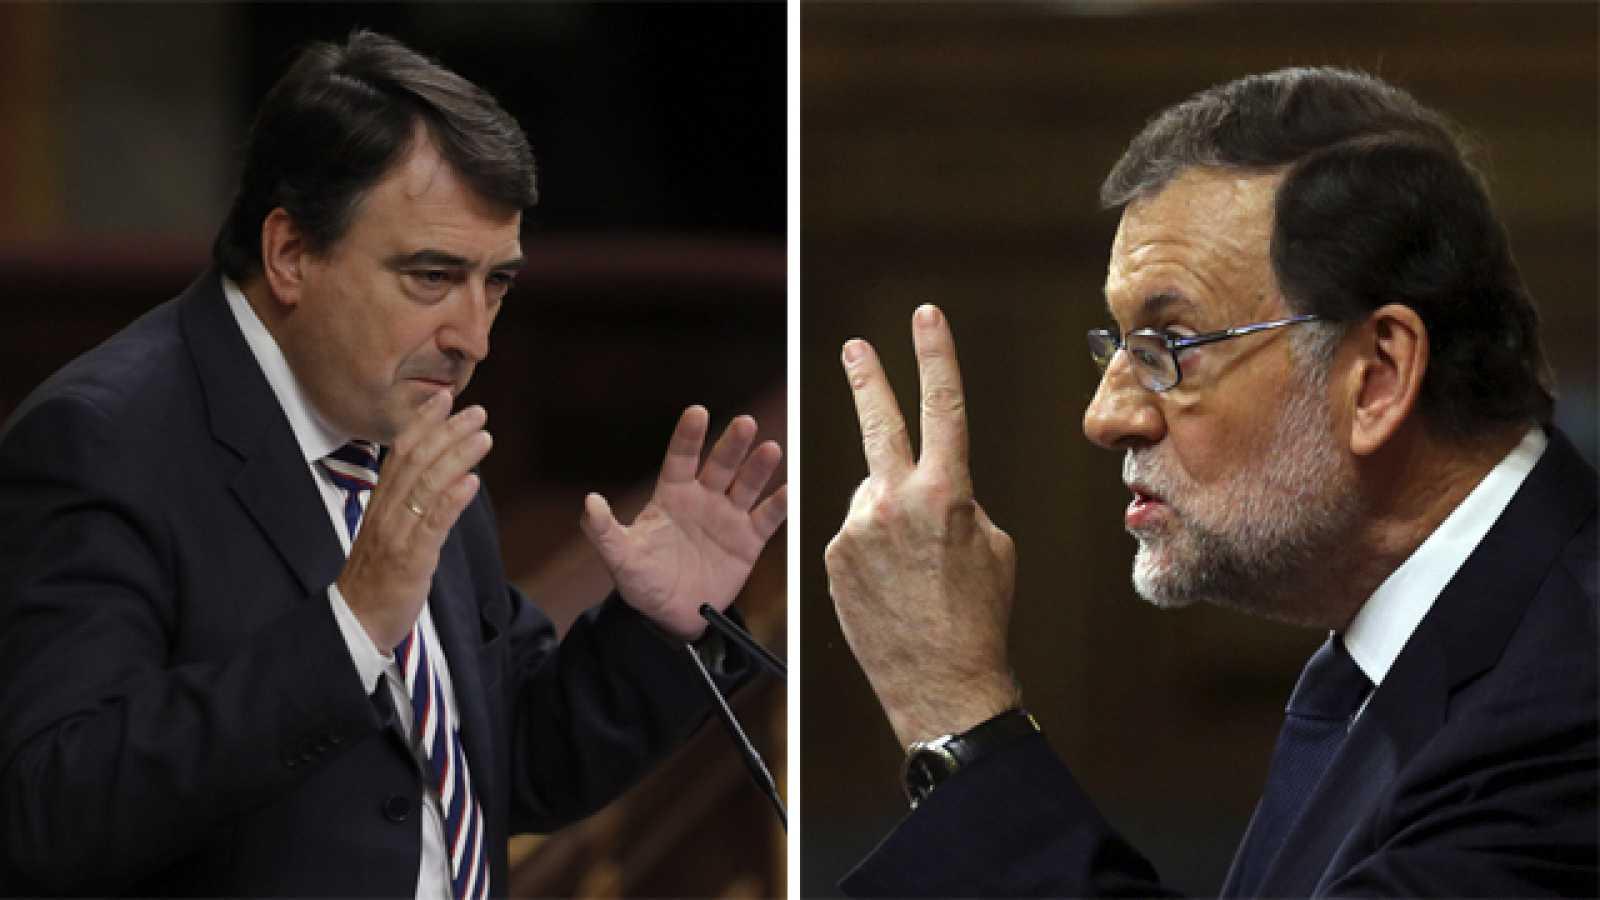 Esteban A Rajoy Si Bien Me Quieres Mariano Da Menos Leña Y Más Grano